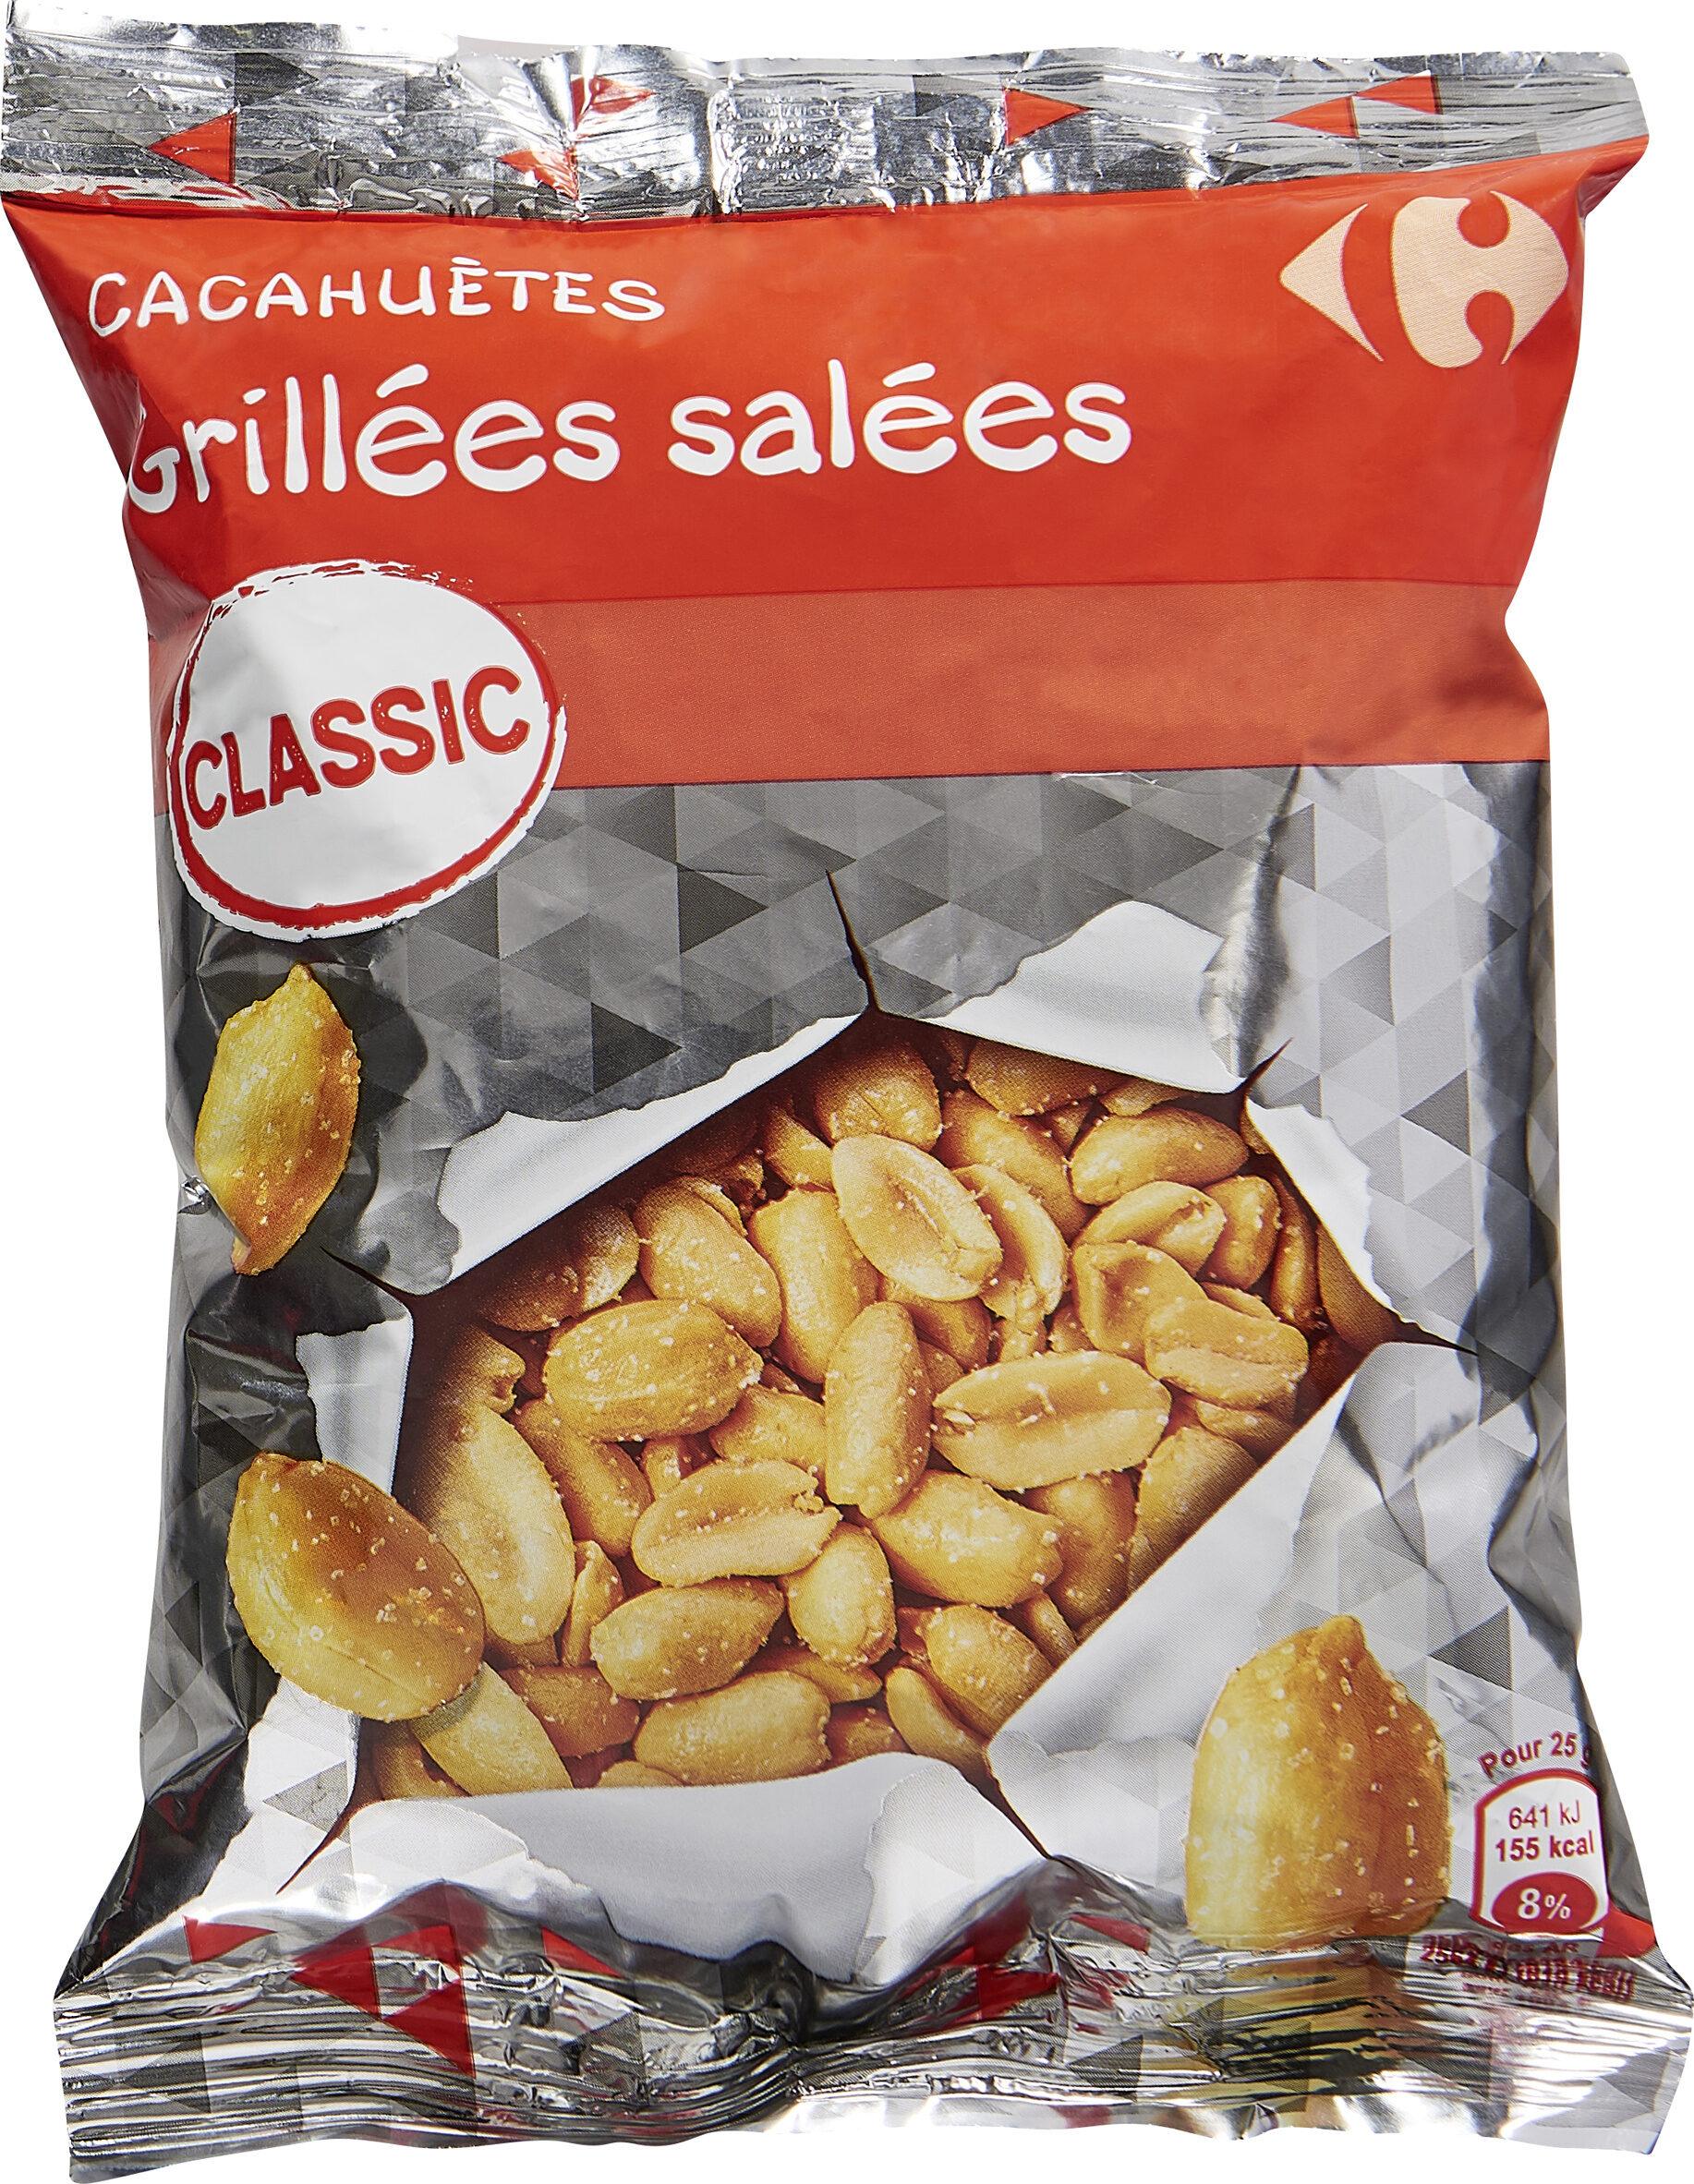 Cacahuètes Grillées Salées - Product - fr